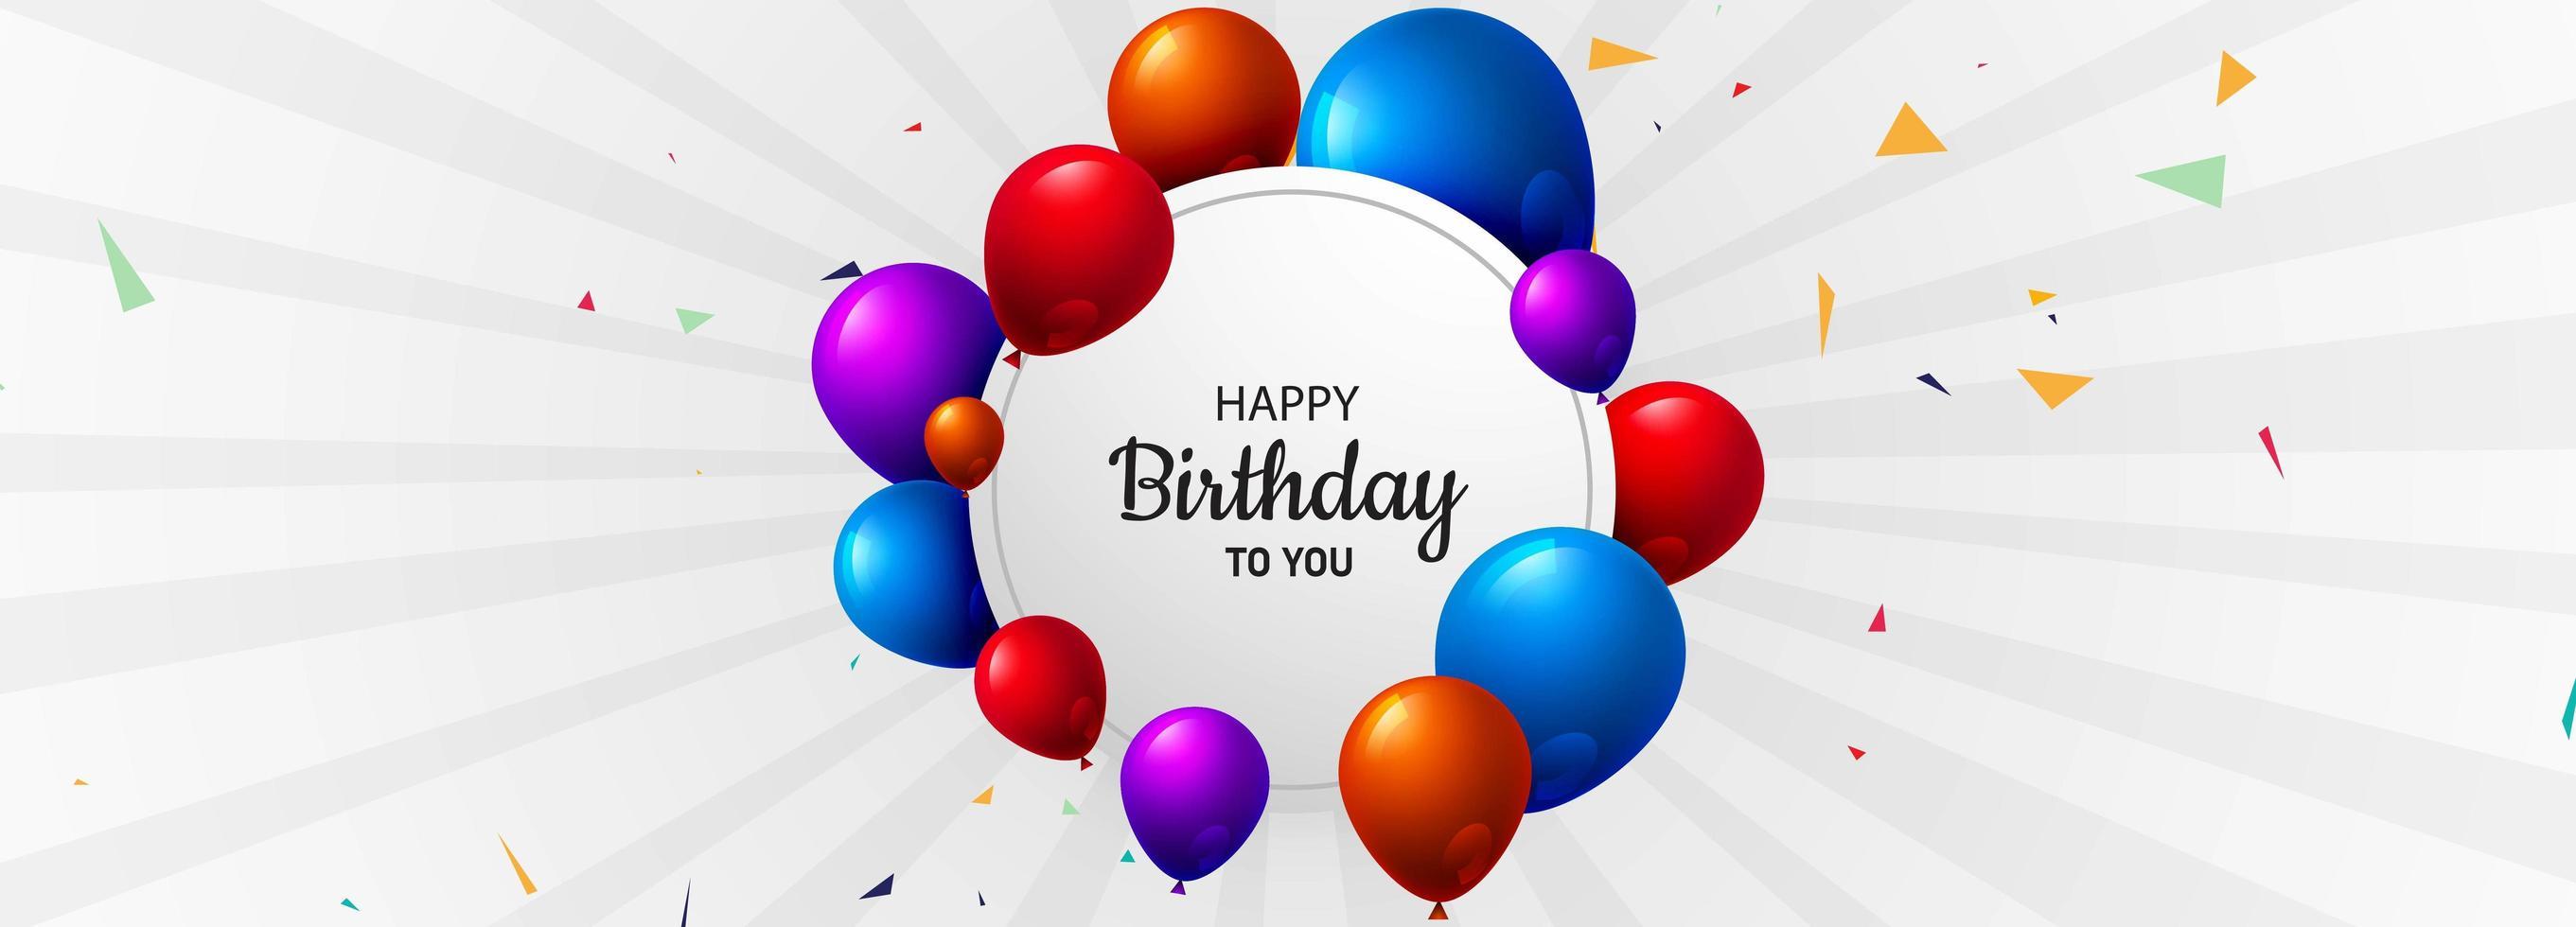 Geburtstag Hintergrund Banner mit bunten Luftballons vektor